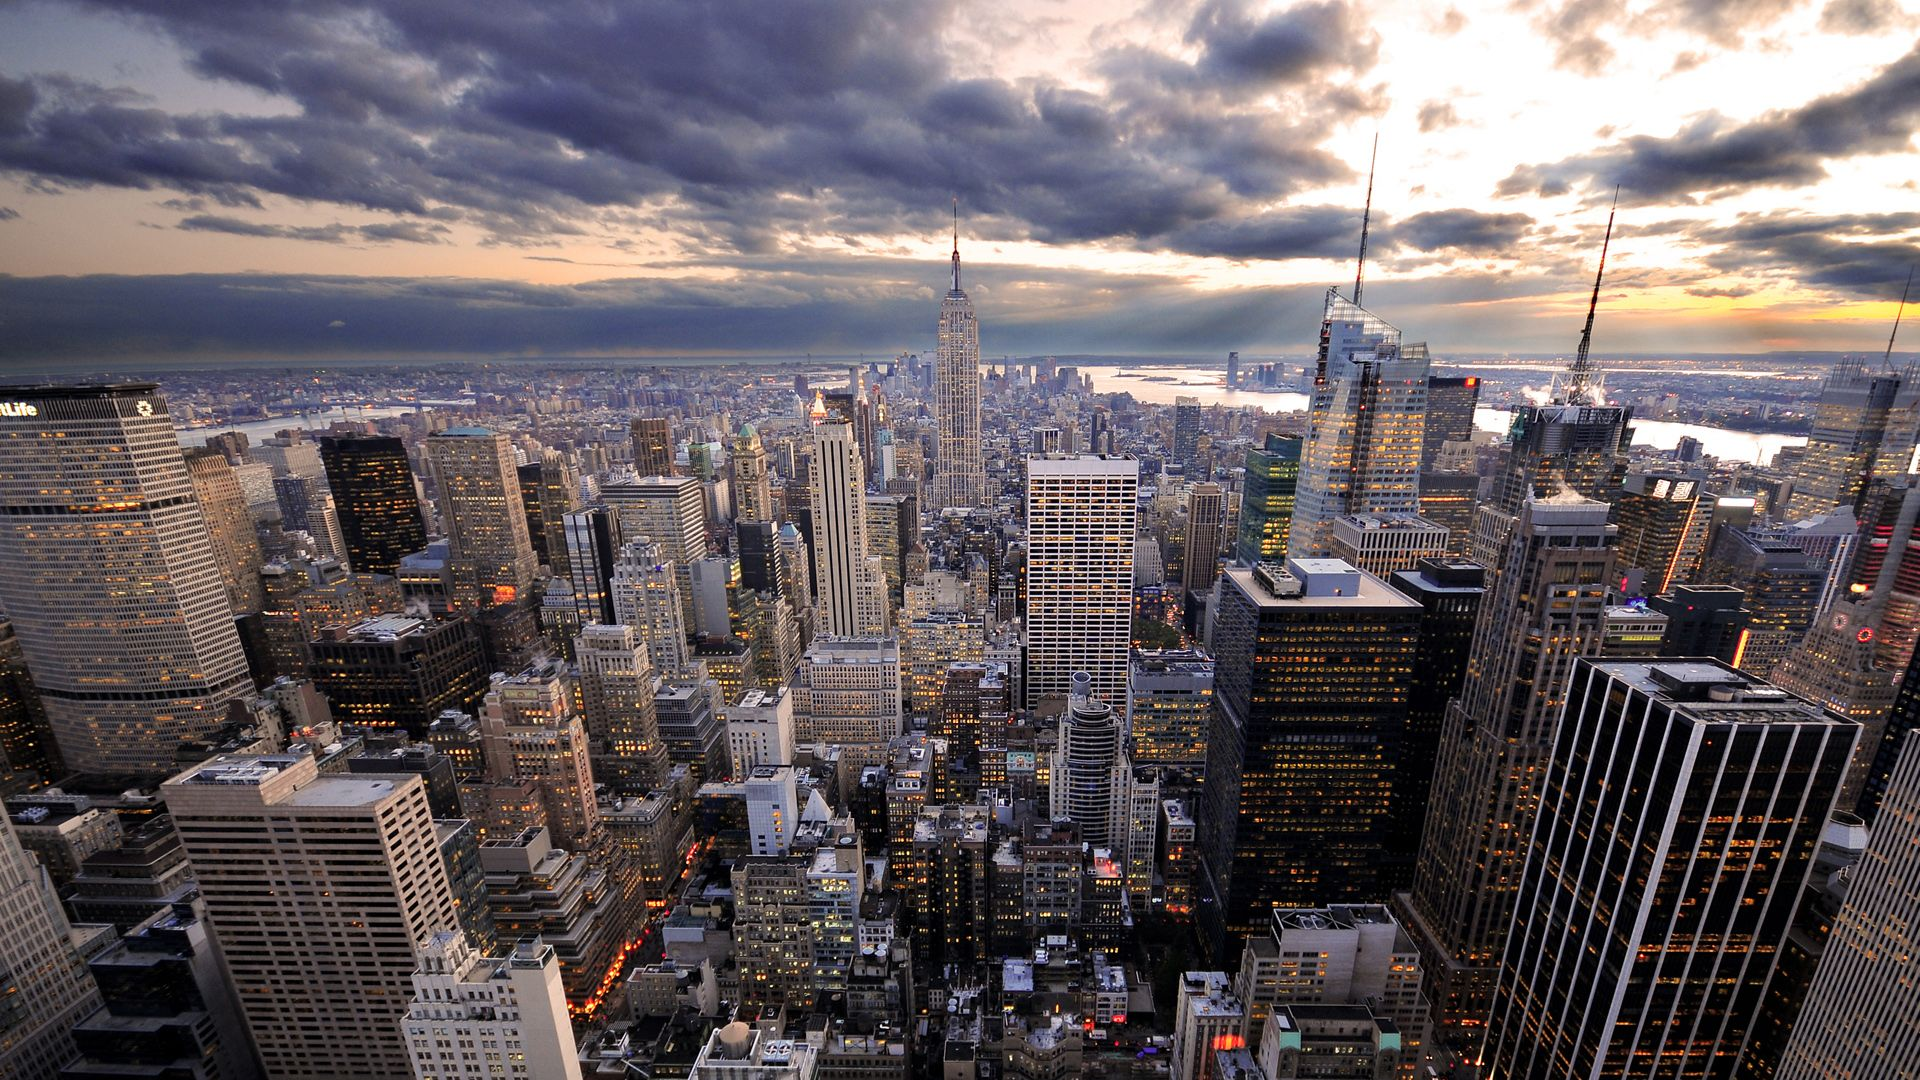 26 New York Wallpaper Hd 1080p On Wallpapersafari